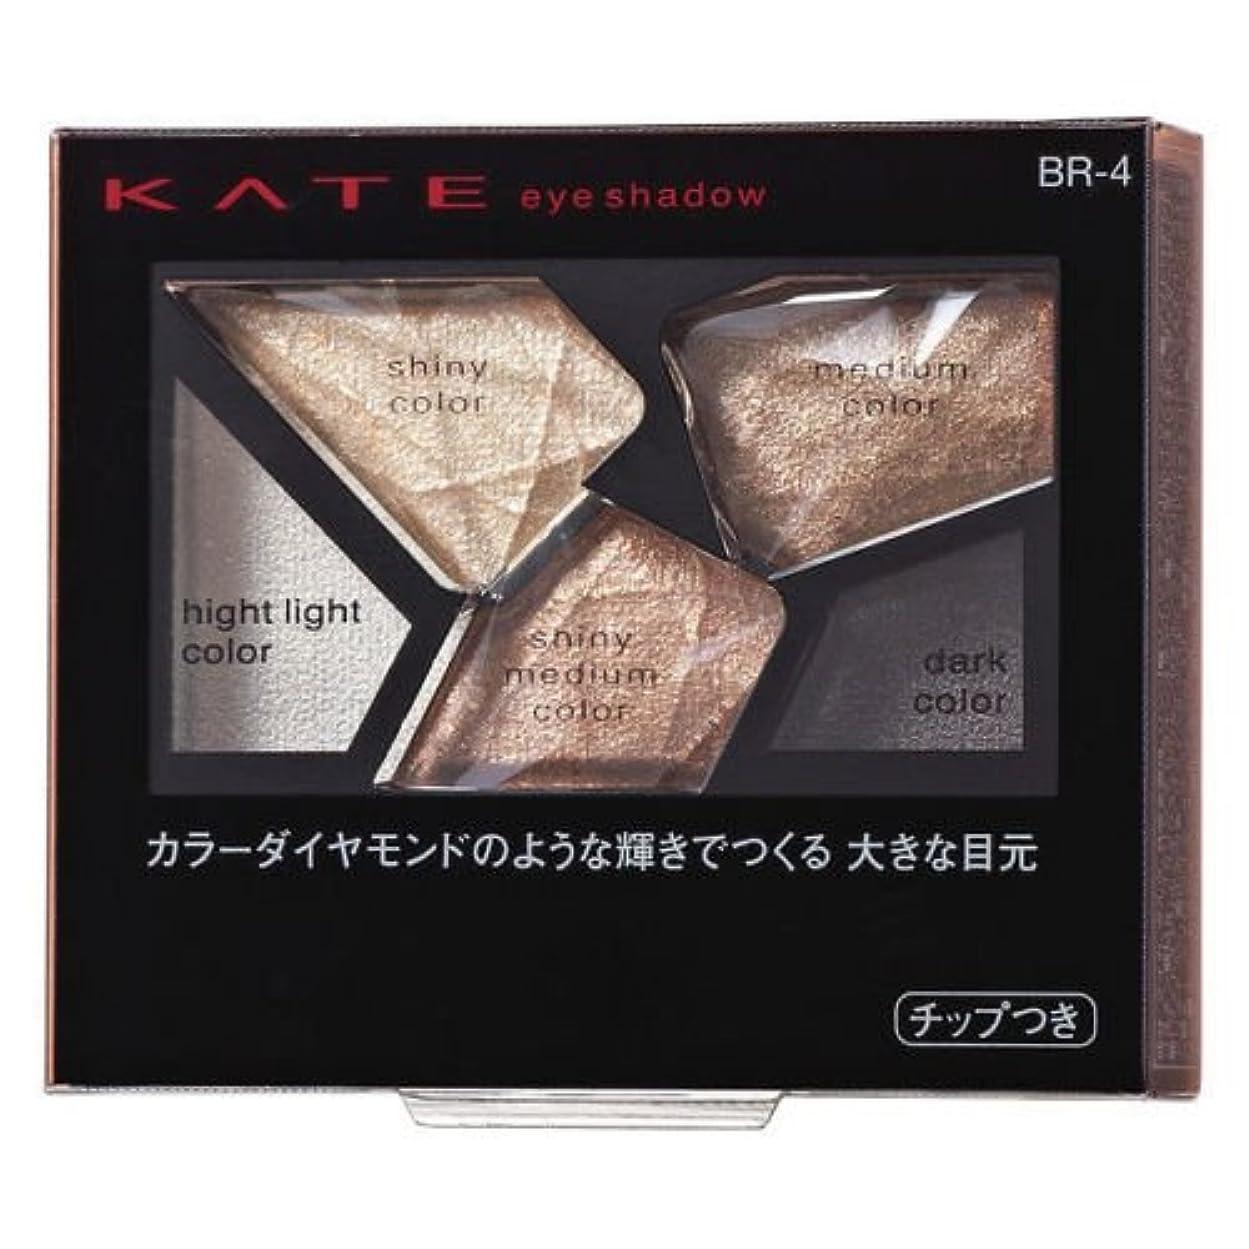 弱まる恥サーバ【カネボウ】ケイト カラーシャスダイヤモンド #BR-4 2.8g